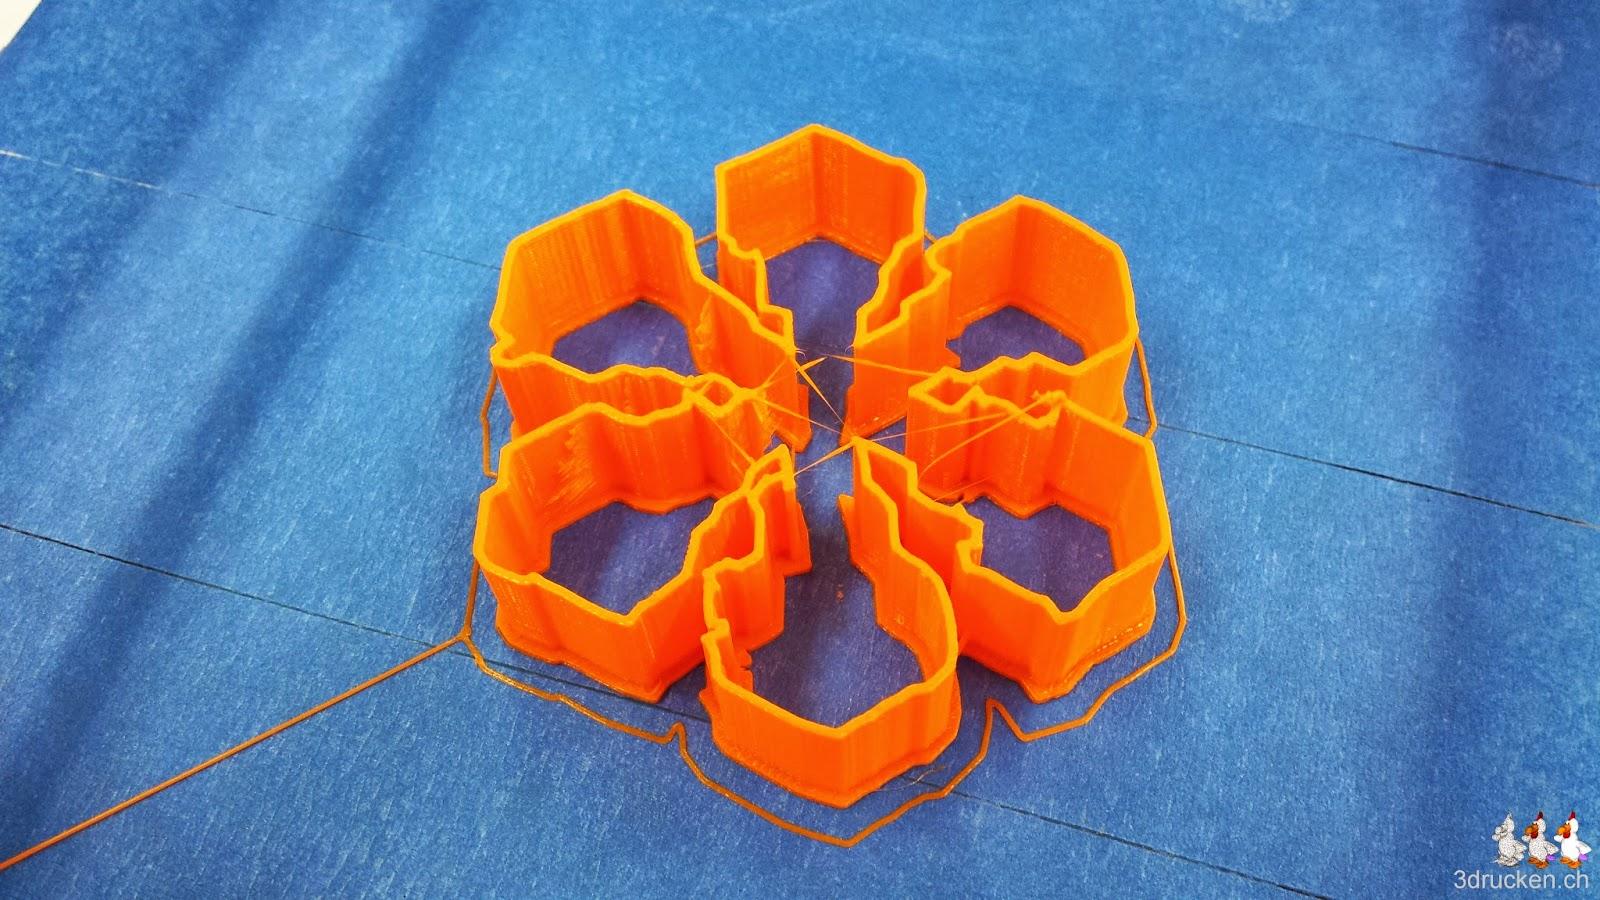 Fertig gedruckte Guezliform des Dendritischen Sterns mit Verbreiterungen der Astenden